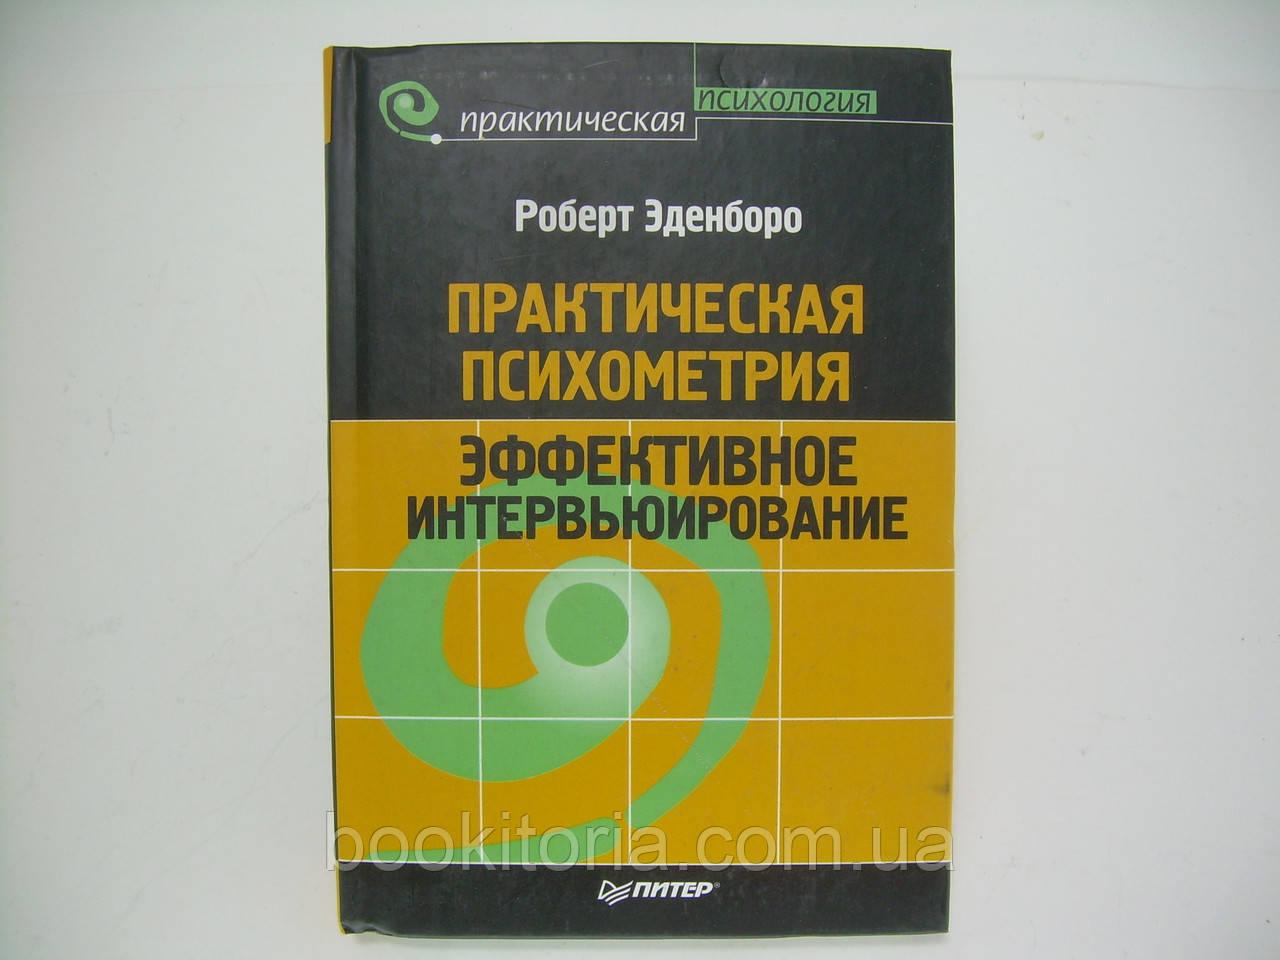 Эденборо Р. Практическая психометрия. Эффективное интервьюирование (б/у)., фото 1